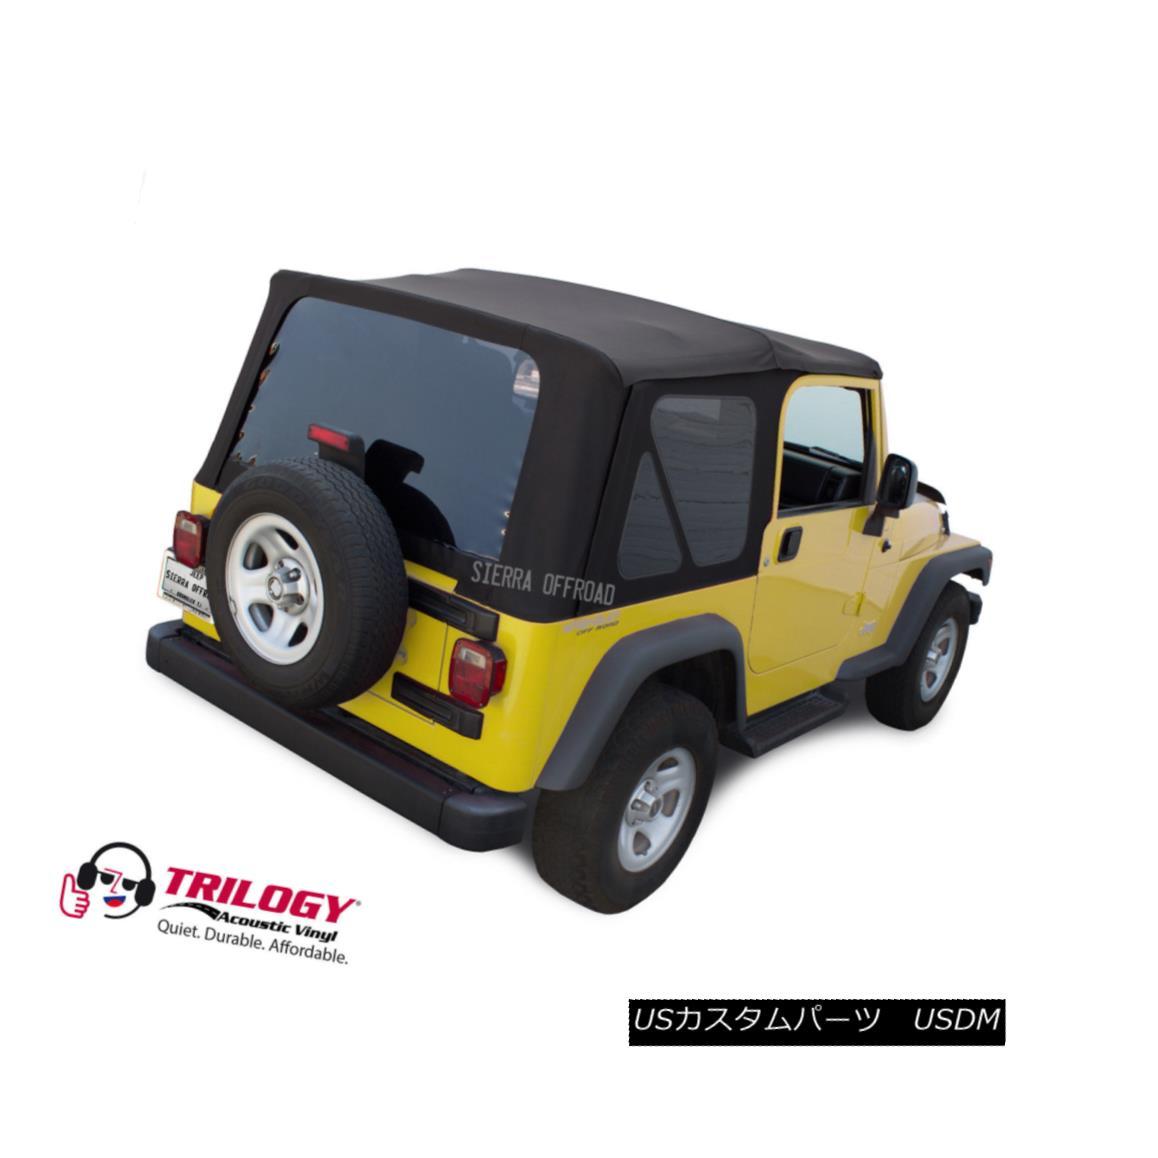 幌・ソフトトップ Jeep Wrangler TJ Soft top, 2003-2006, Tinted Windows, Black Twill Vinyl ジープ・ラングラーTJソフトトップ、2003年?2006年、ティンテッド・ウィンドウズ、ブラック・ツイル・ビニール